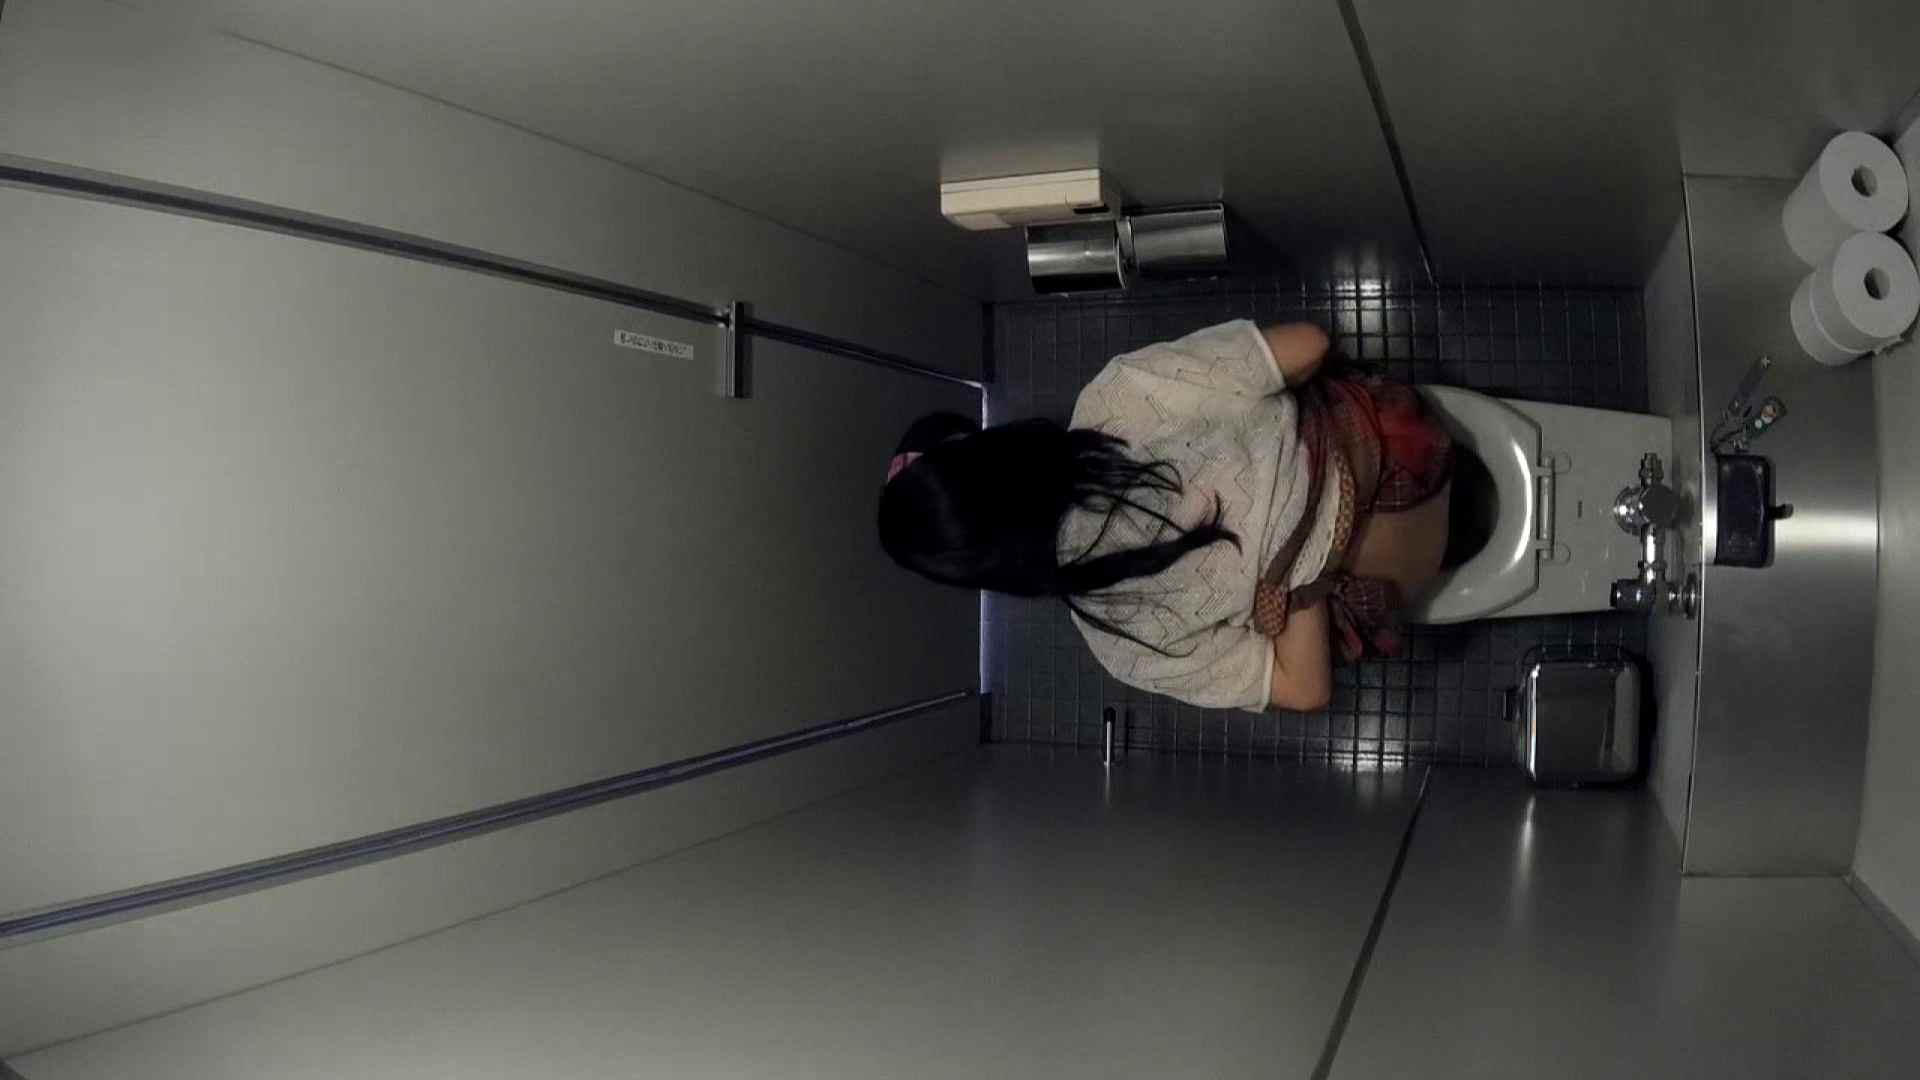 有名大学女性洗面所 vol.45 冴え渡る多方向撮影!職人技です。 洗面所 ヌード画像 88枚 18